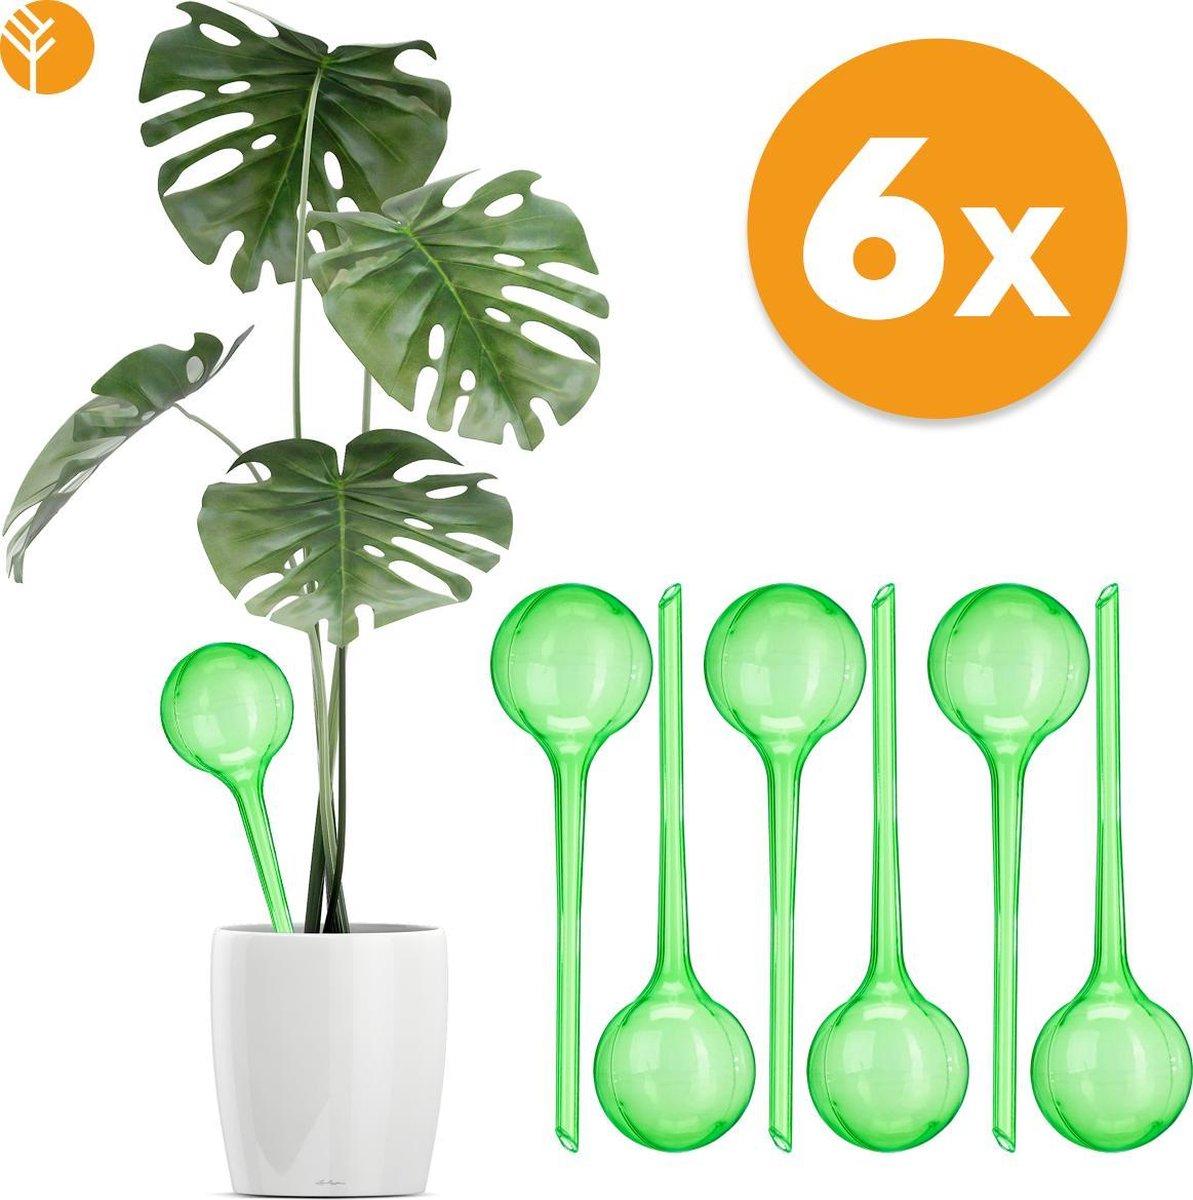 Waterdruppelaar Set van 6 Stuks voor Planten – Automatisch Watergeefsysteem voor Kamerplanten – Plan